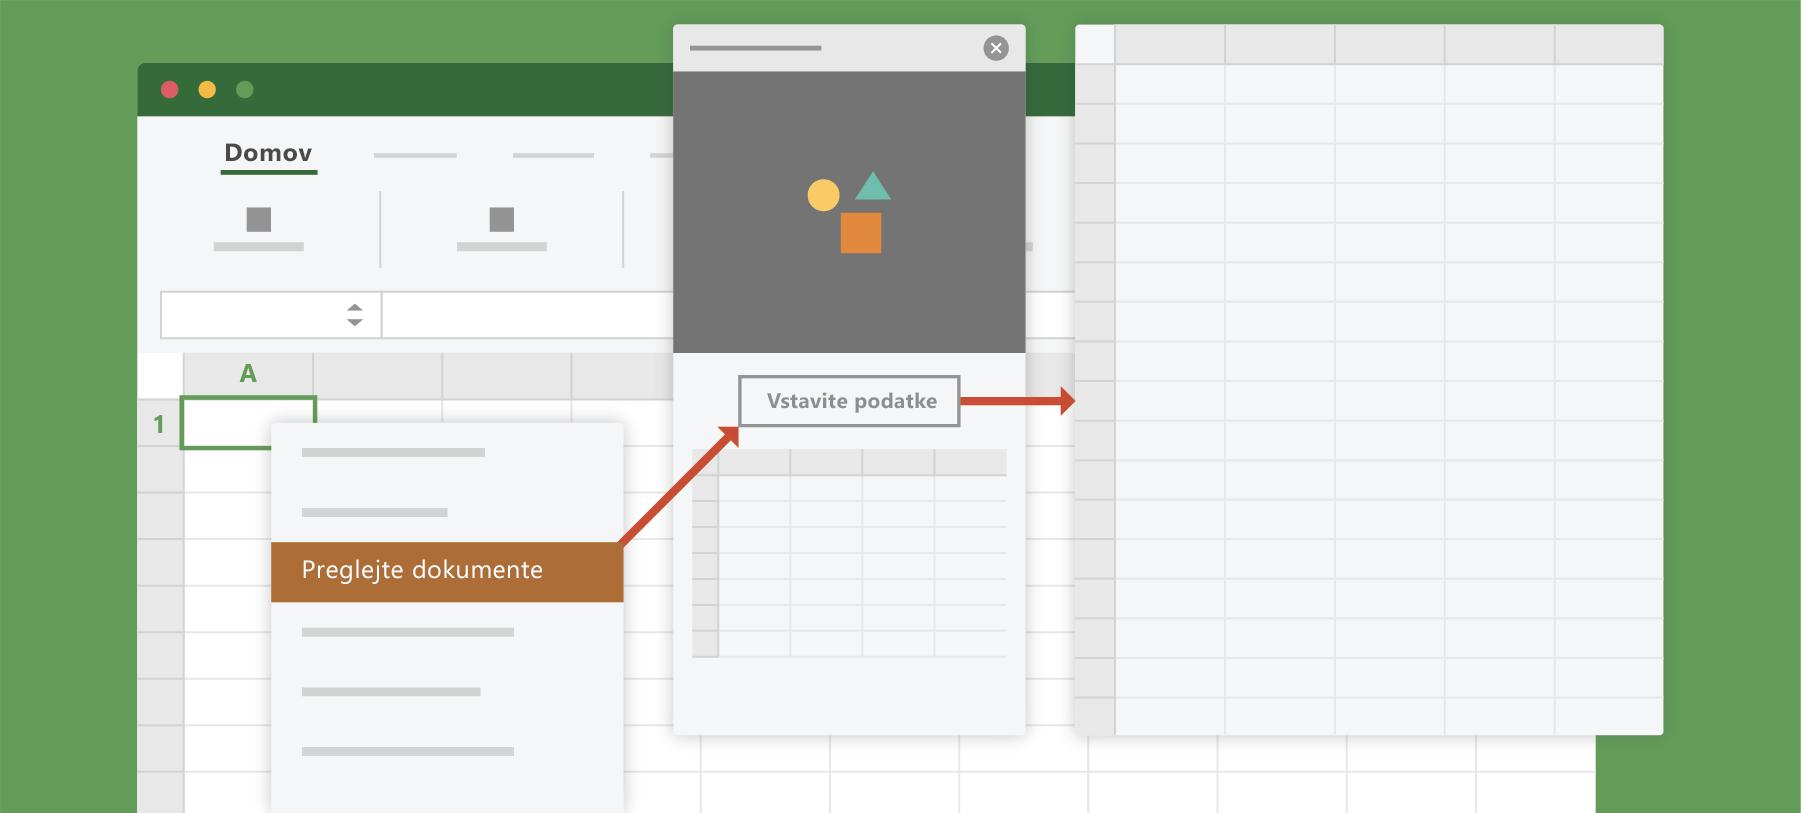 Pokaže možnost skeniranja dokumenta v Excelu